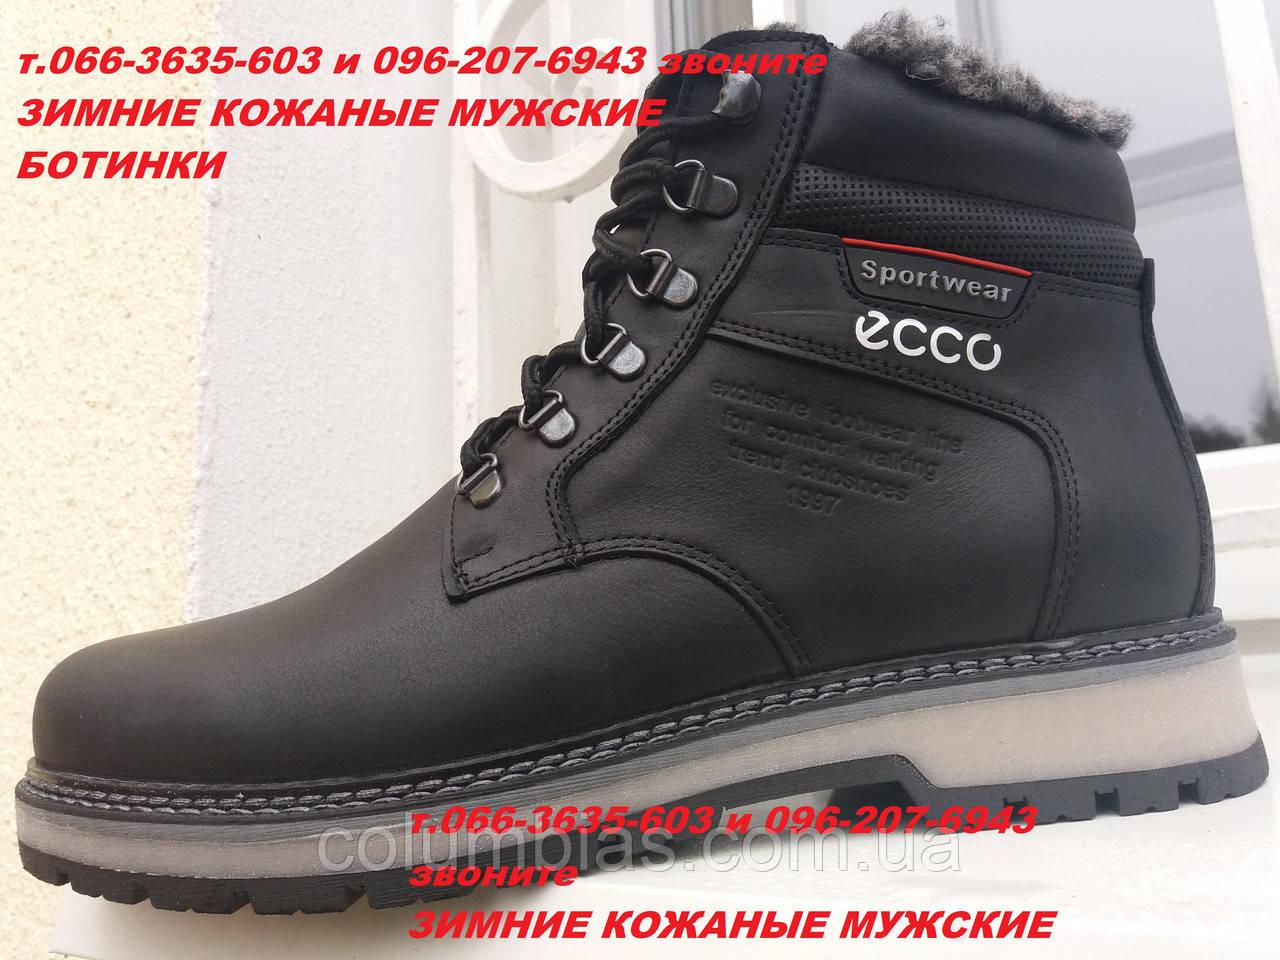 de49dfeea Кожаная мужская зимняя обувь ecco: продажа, цена в Днепропетровской ...